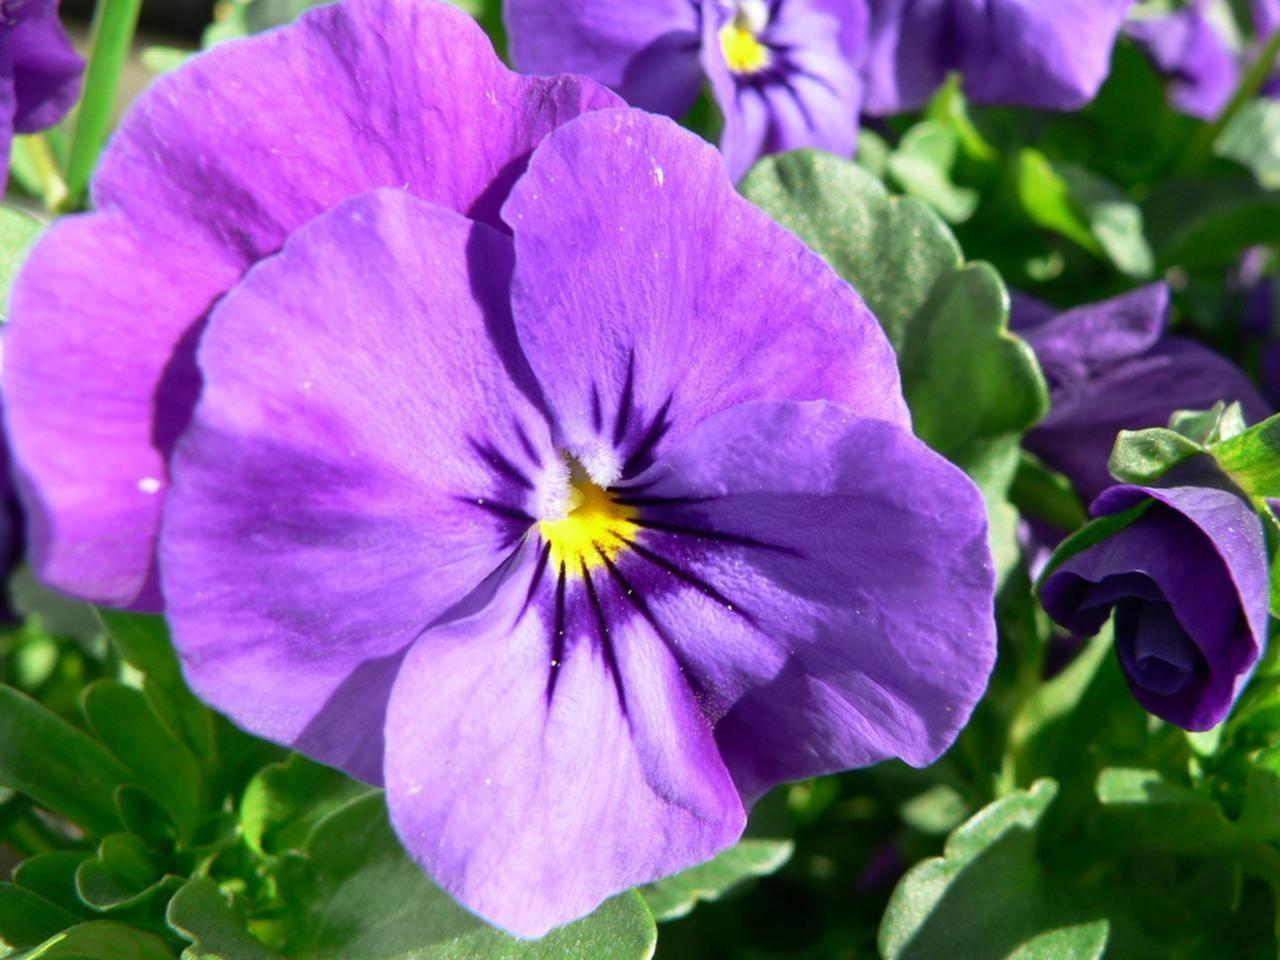 штор фиолетовые анютины глазки фото они растут